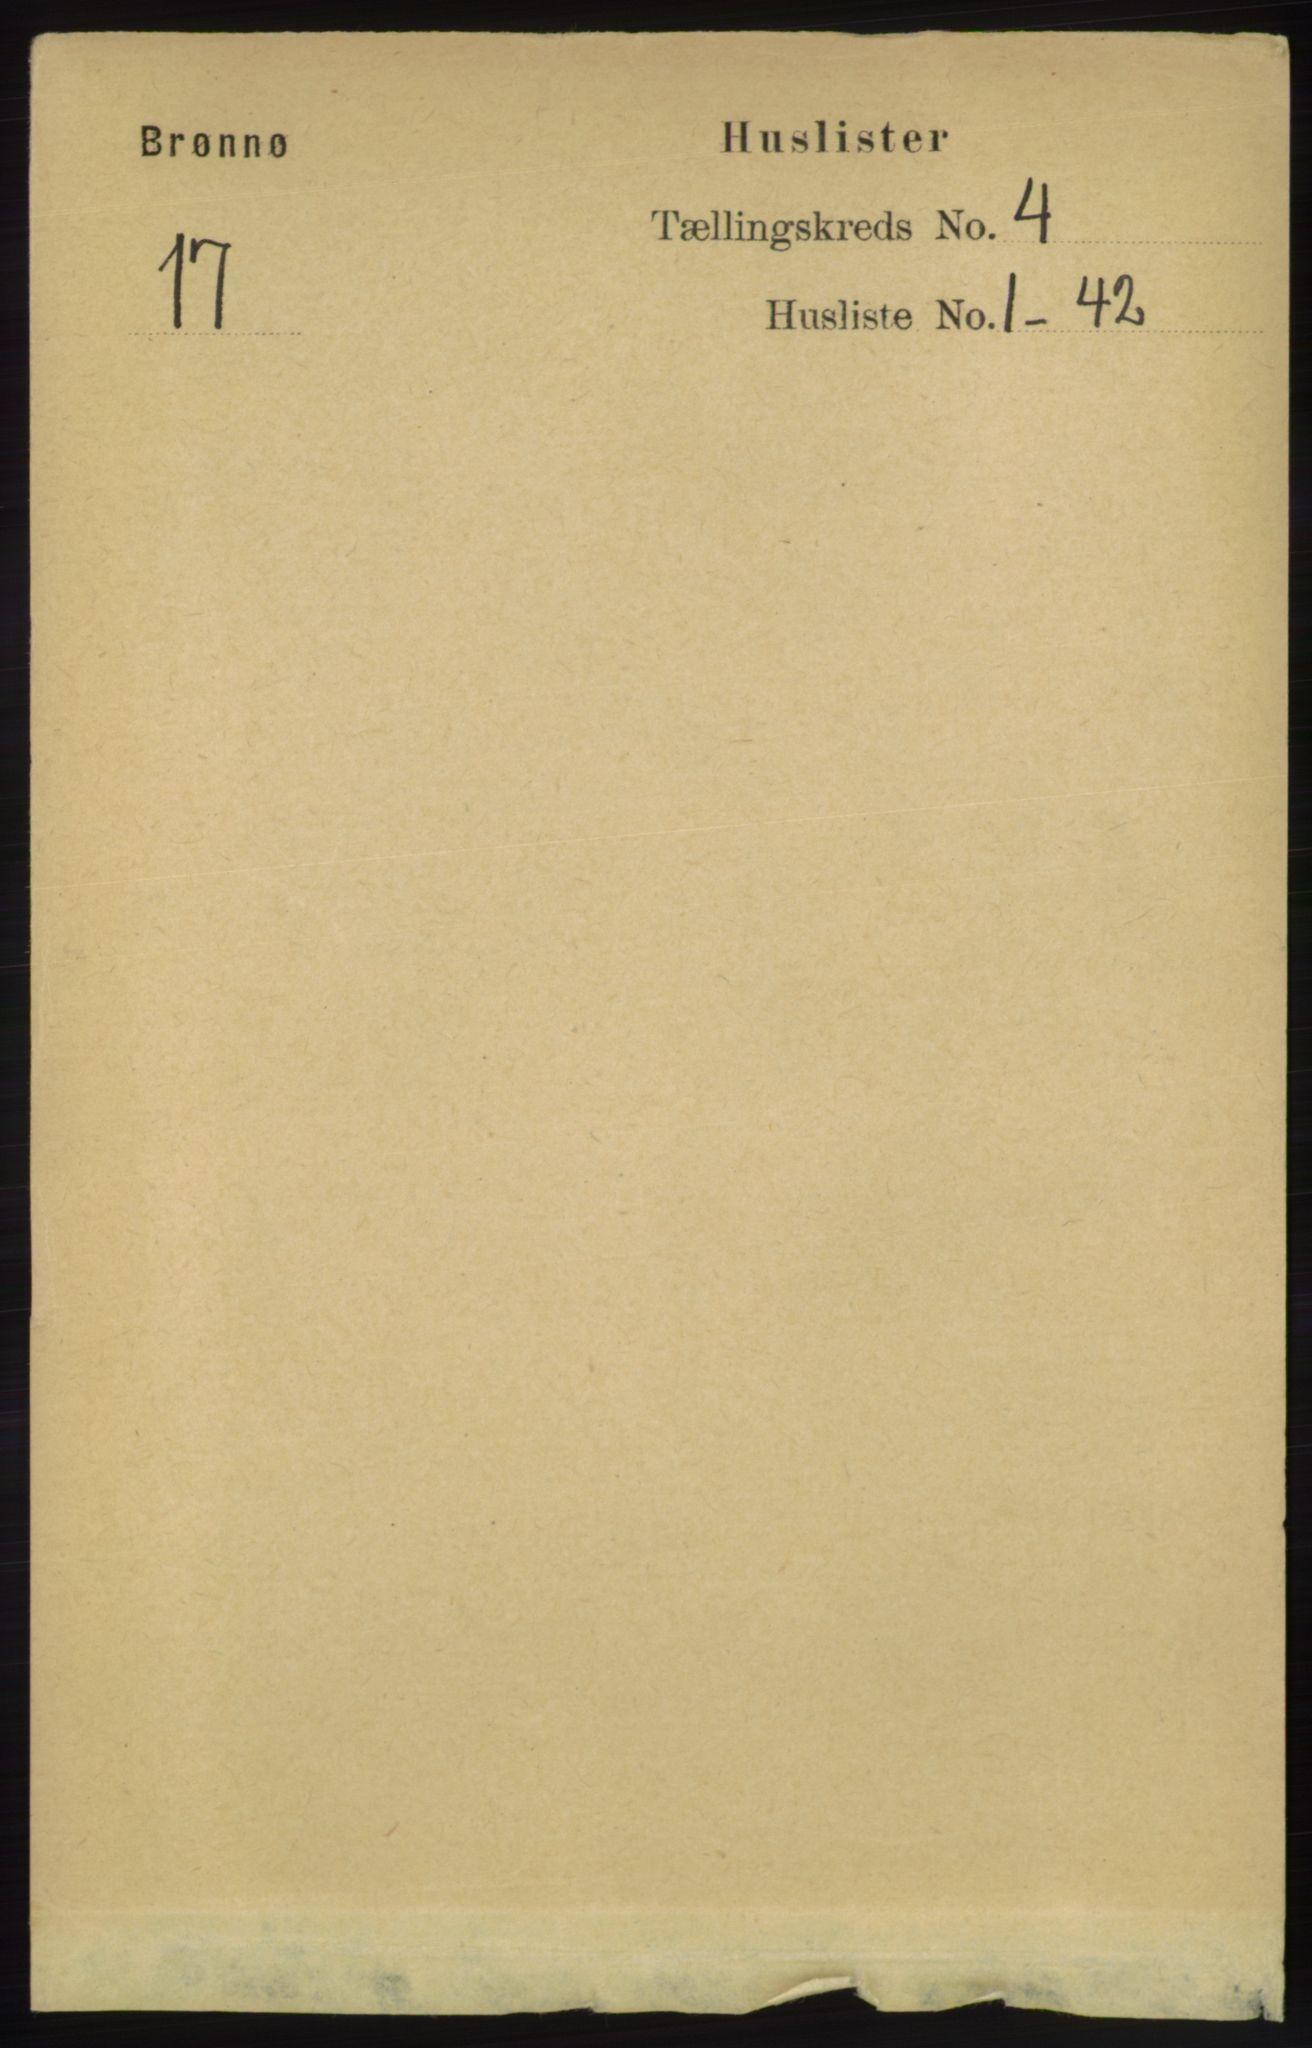 RA, Folketelling 1891 for 1814 Brønnøy herred, 1891, s. 1968